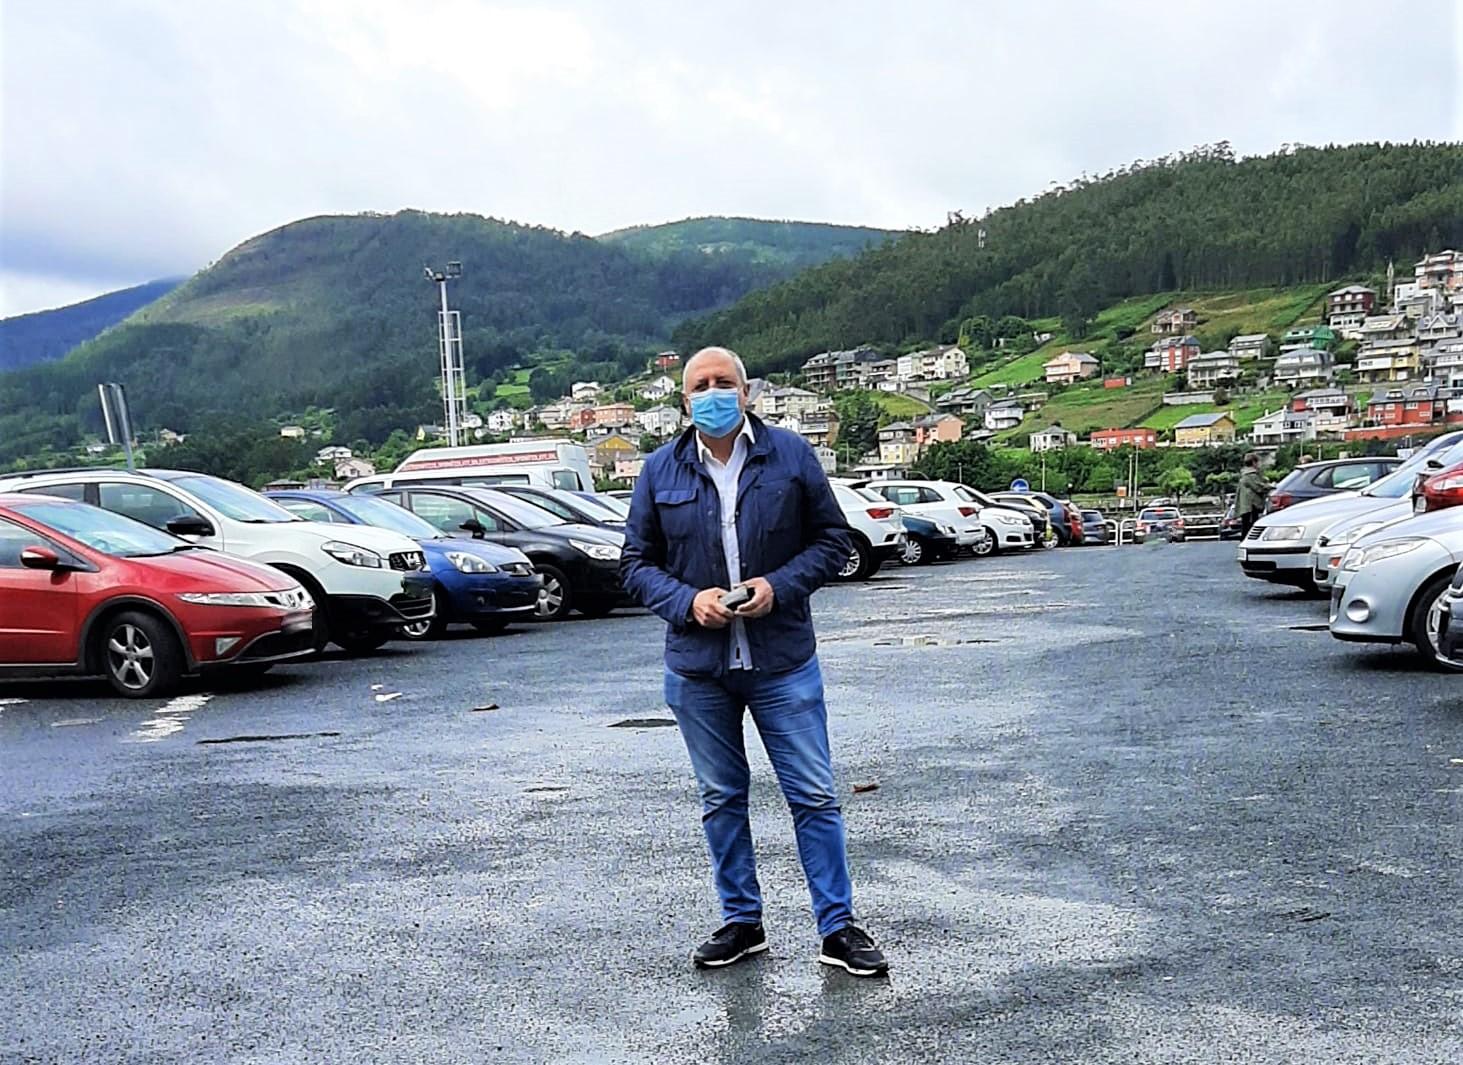 O PP de Viveiro urxe á alcaldesa a xestionar canto antes a firma do convenio con Portos para conseguir a cesión do peirao vello e acondicionar debidamente o aparcadoiro